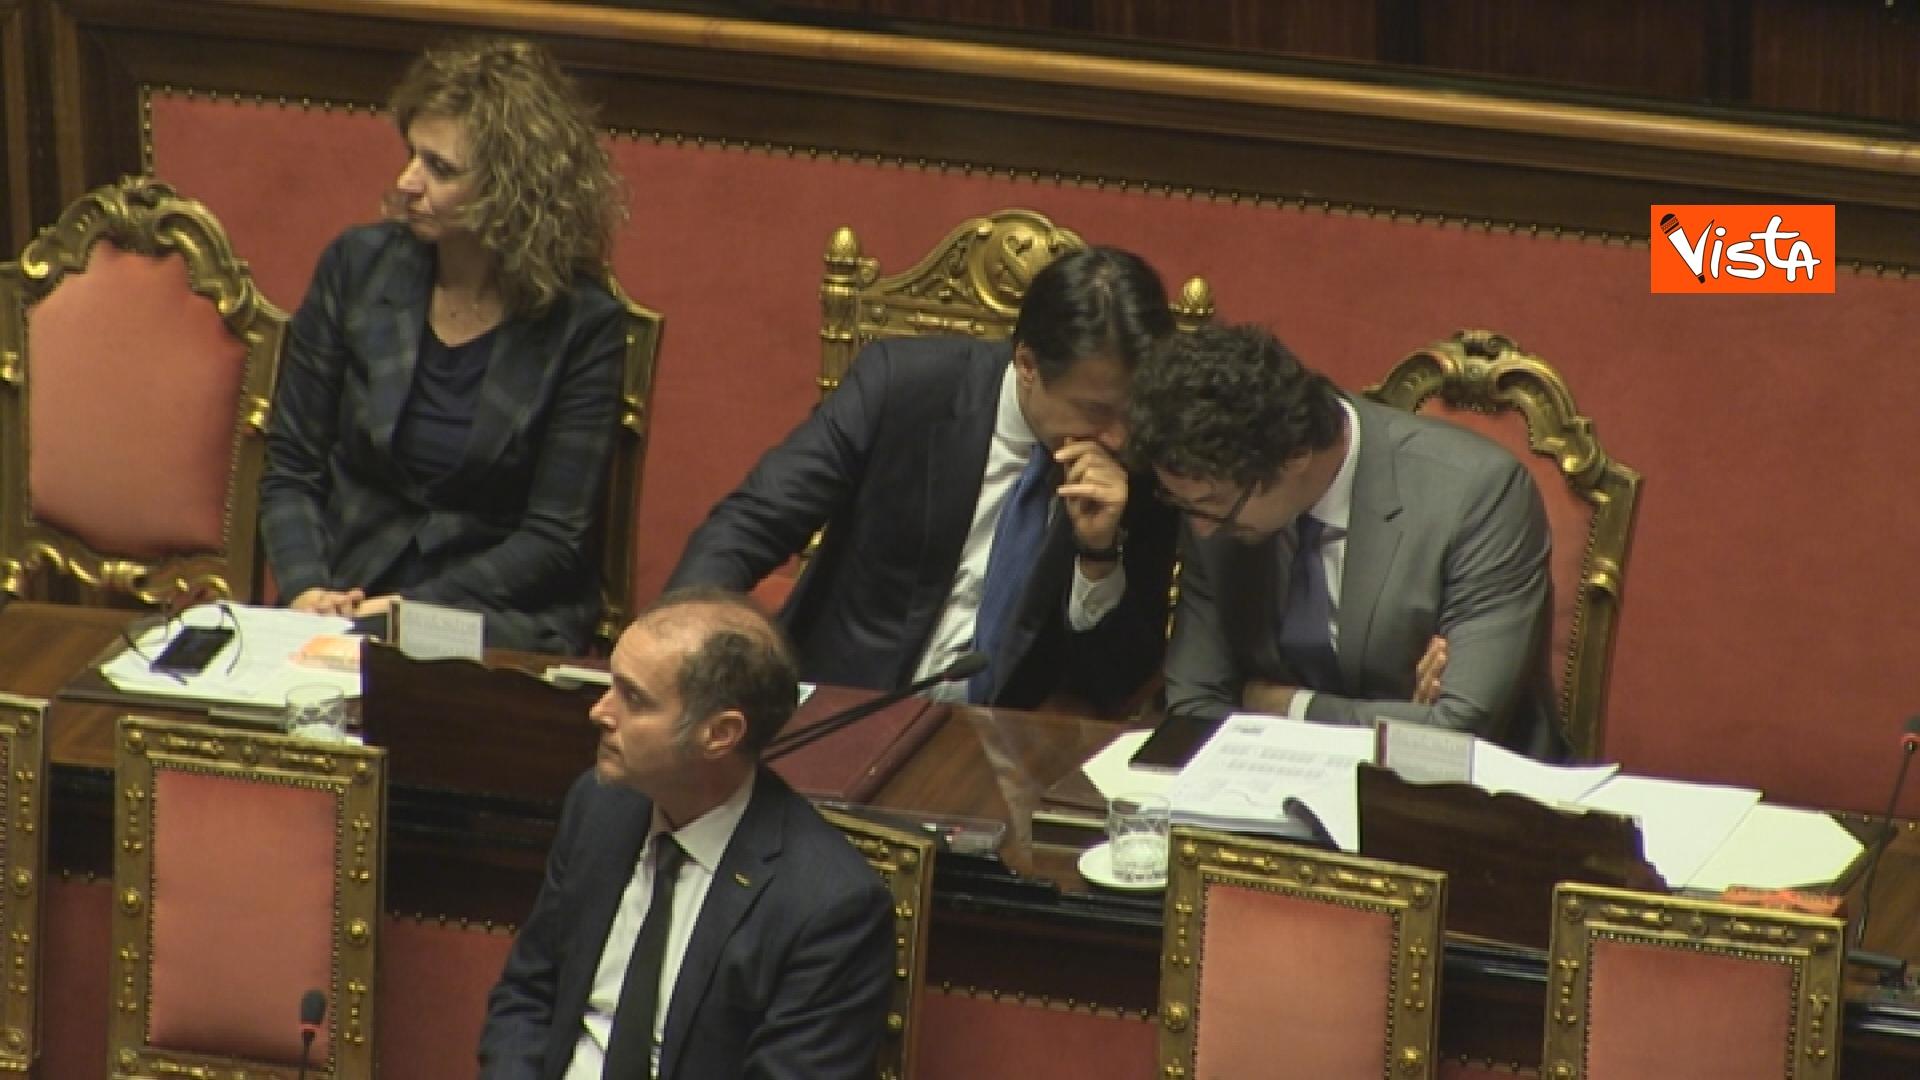 21-03-19 Mozione sfiducia per Toninelli al Senato le immagini dell Aula_il presidente del Cosiglio Conte accanto al ministro 08